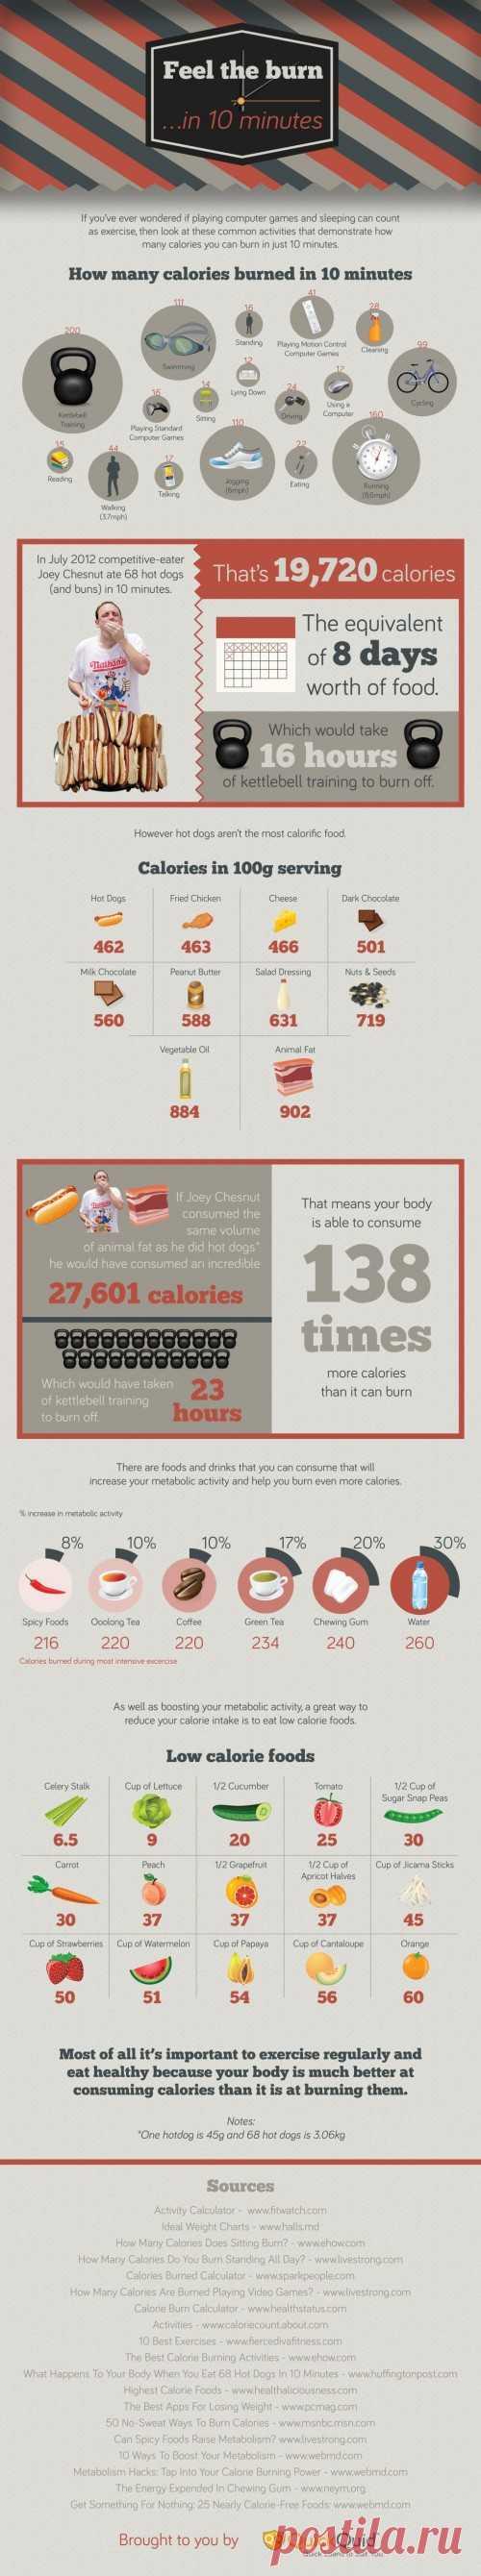 ИНФОГРАФИКА: Подсчет калорий для гиков